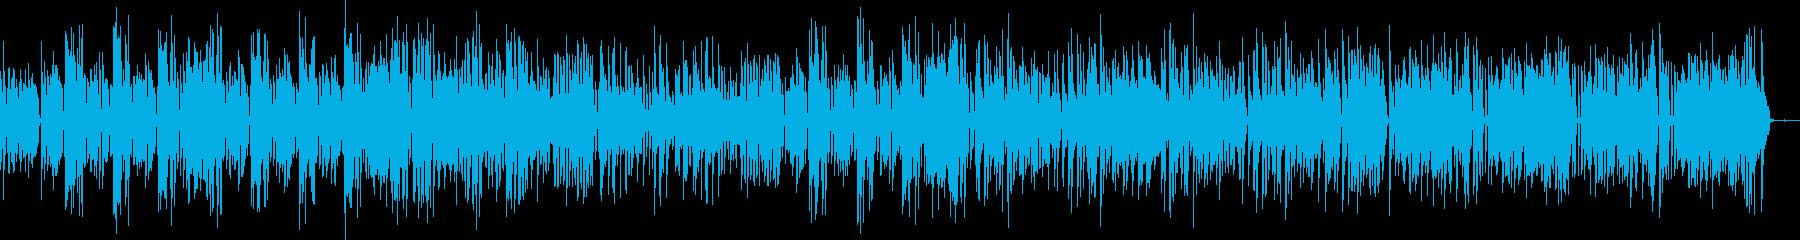 ジ・エンターテイナーの再生済みの波形